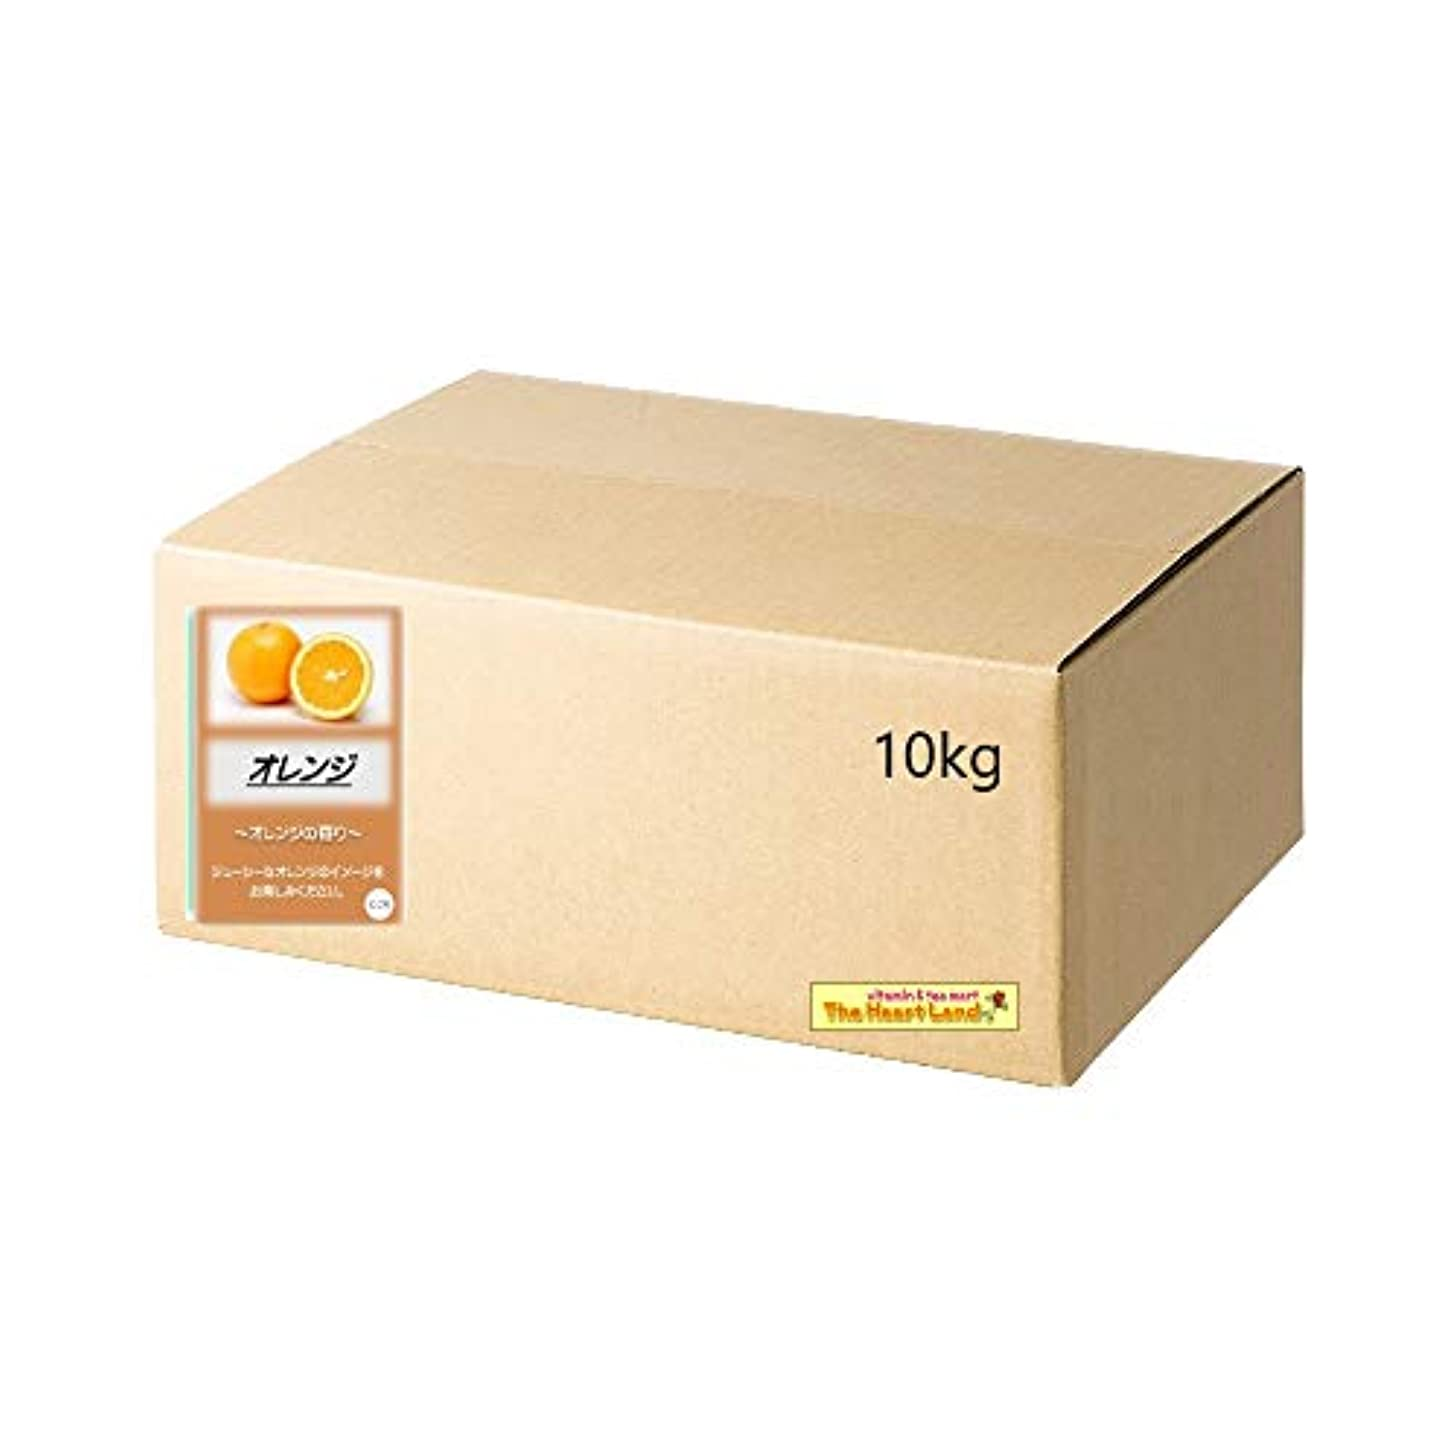 リルアジア報酬アサヒ入浴剤 浴用入浴化粧品 オレンジ 10kg